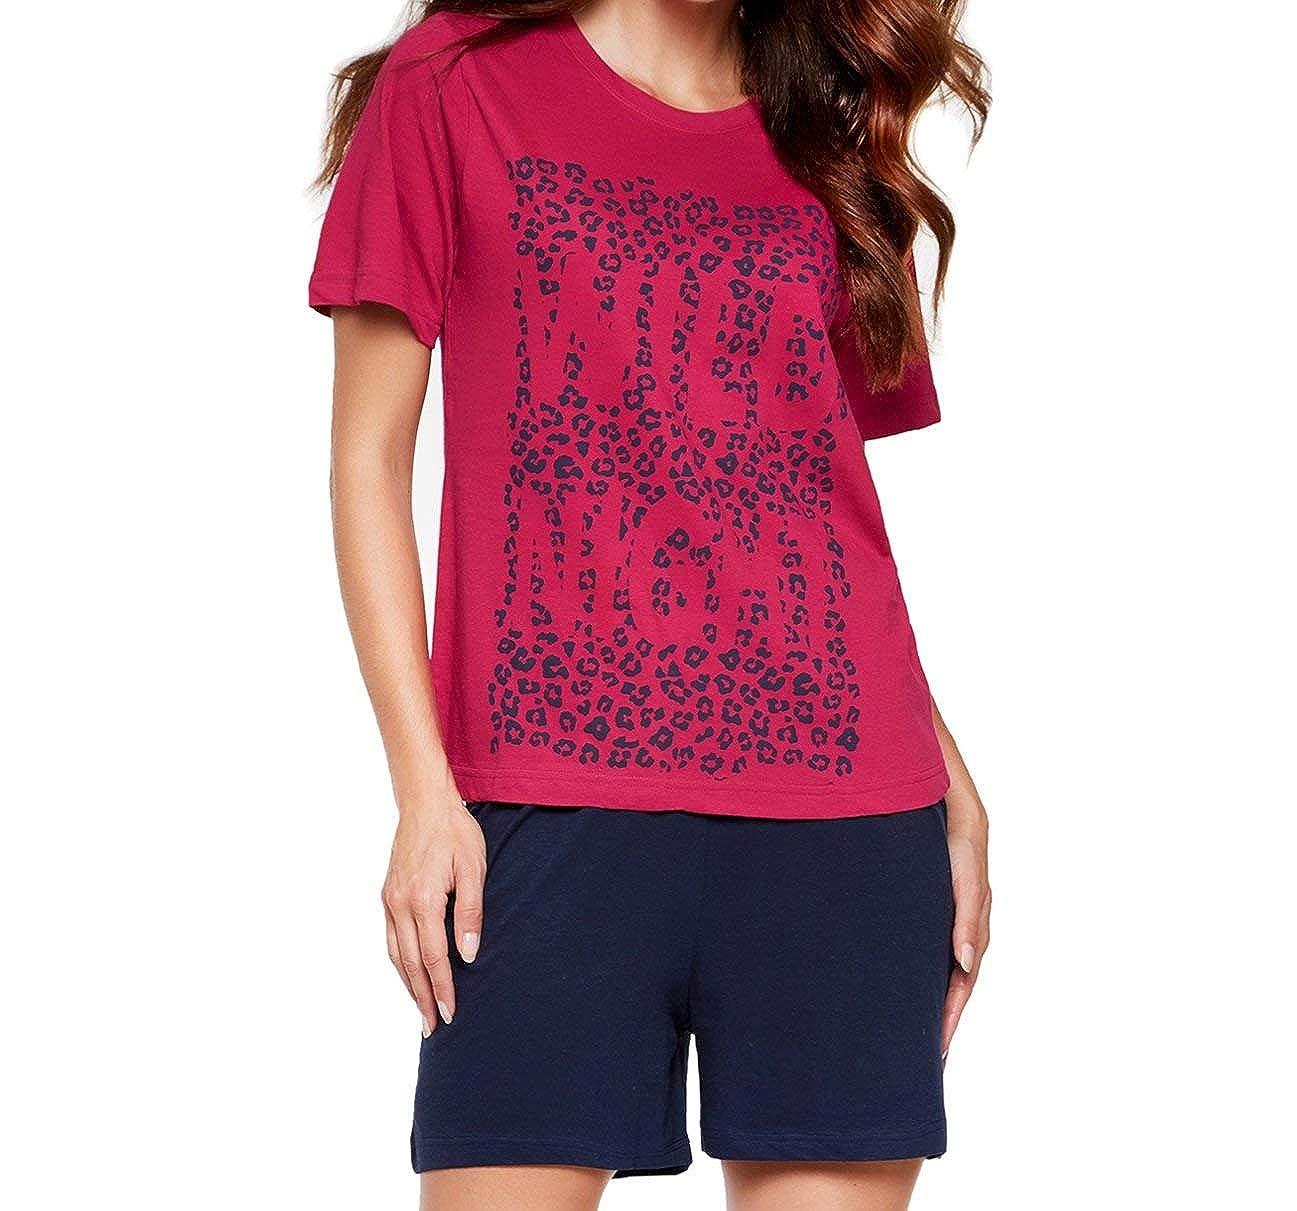 59096ac465abed Moonline moderner und bequemer Damen Pyjama/Shorty/Capri Schlafanzug, mit weicher  Baumwolle, in verschiedenen Designs: Amazon.de: Bekleidung